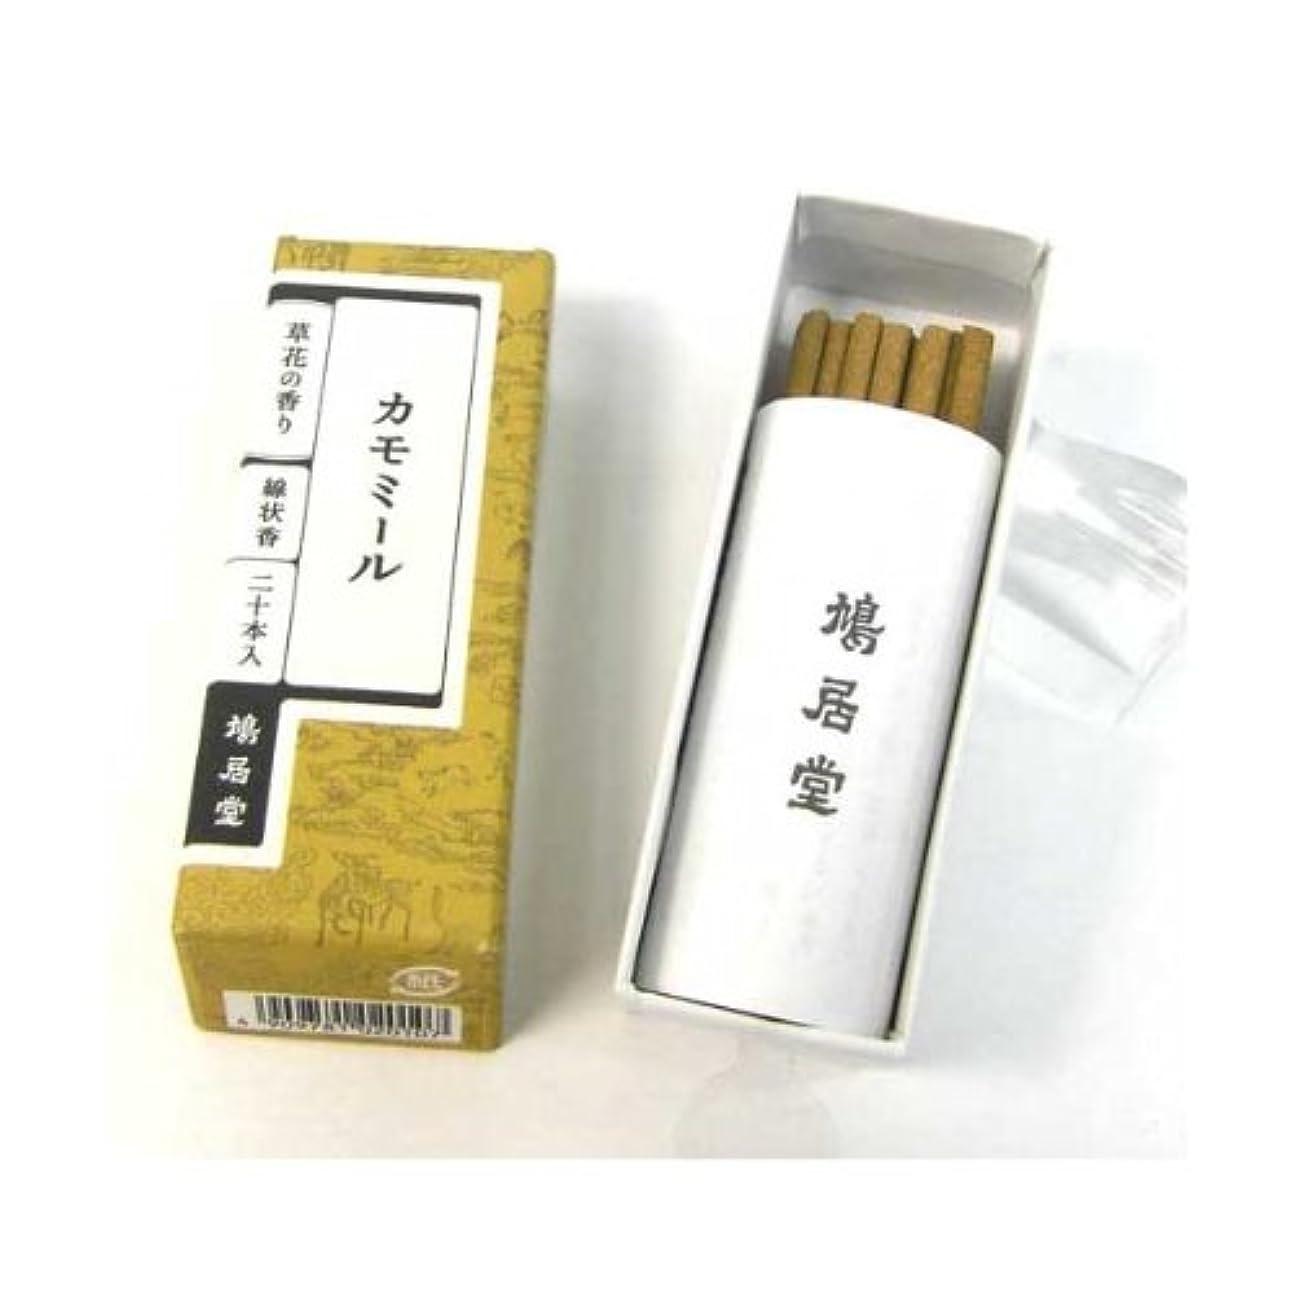 テクスチャー電気規模鳩居堂 お香 カモミール 草花の香りシリーズ スティックタイプ(棒状香)20本いり